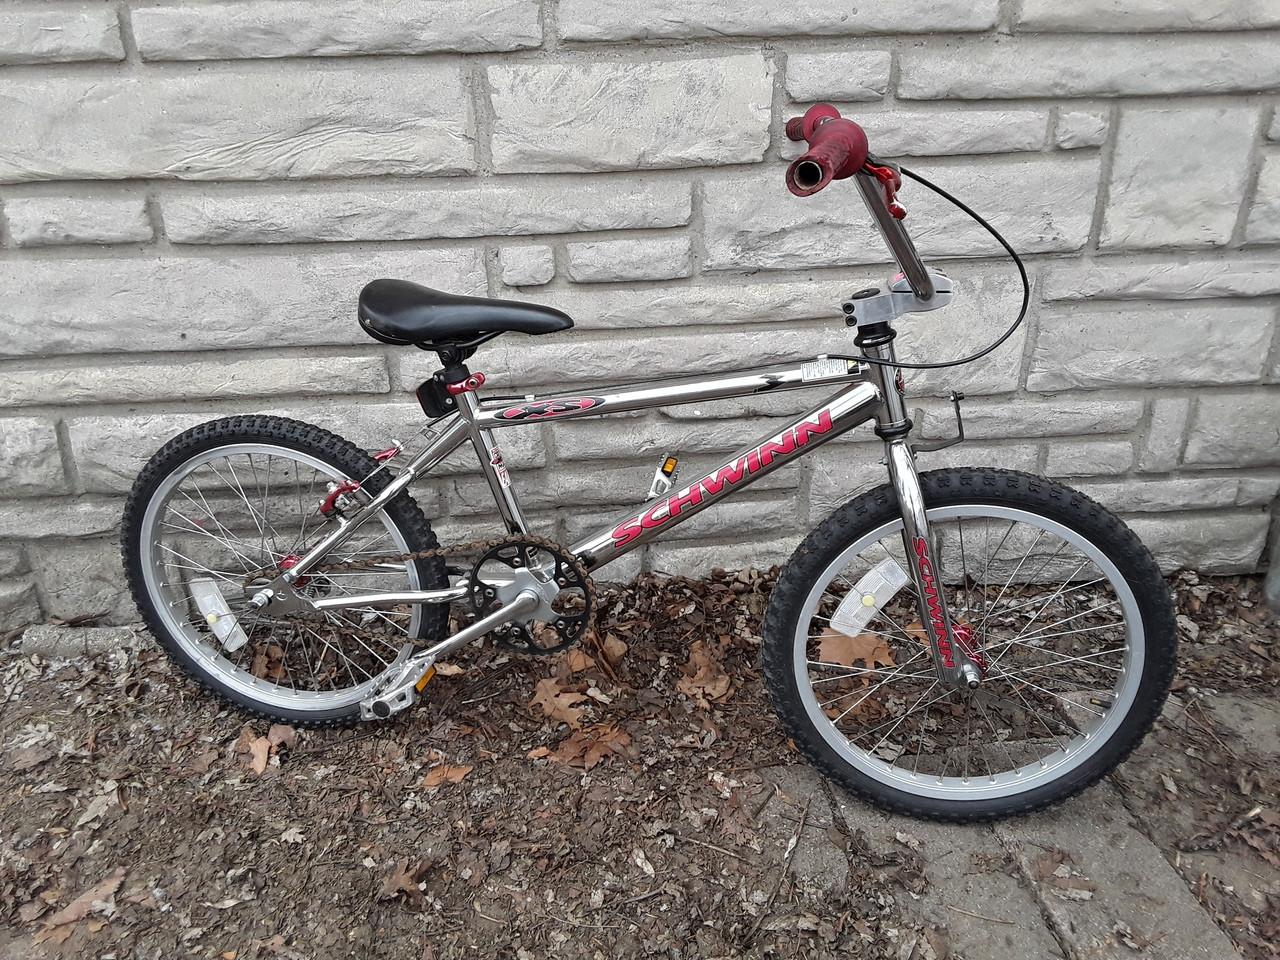 Used Schwinn Bike Parts Neck : Quot schwinn xs bmx bicycle bike tech